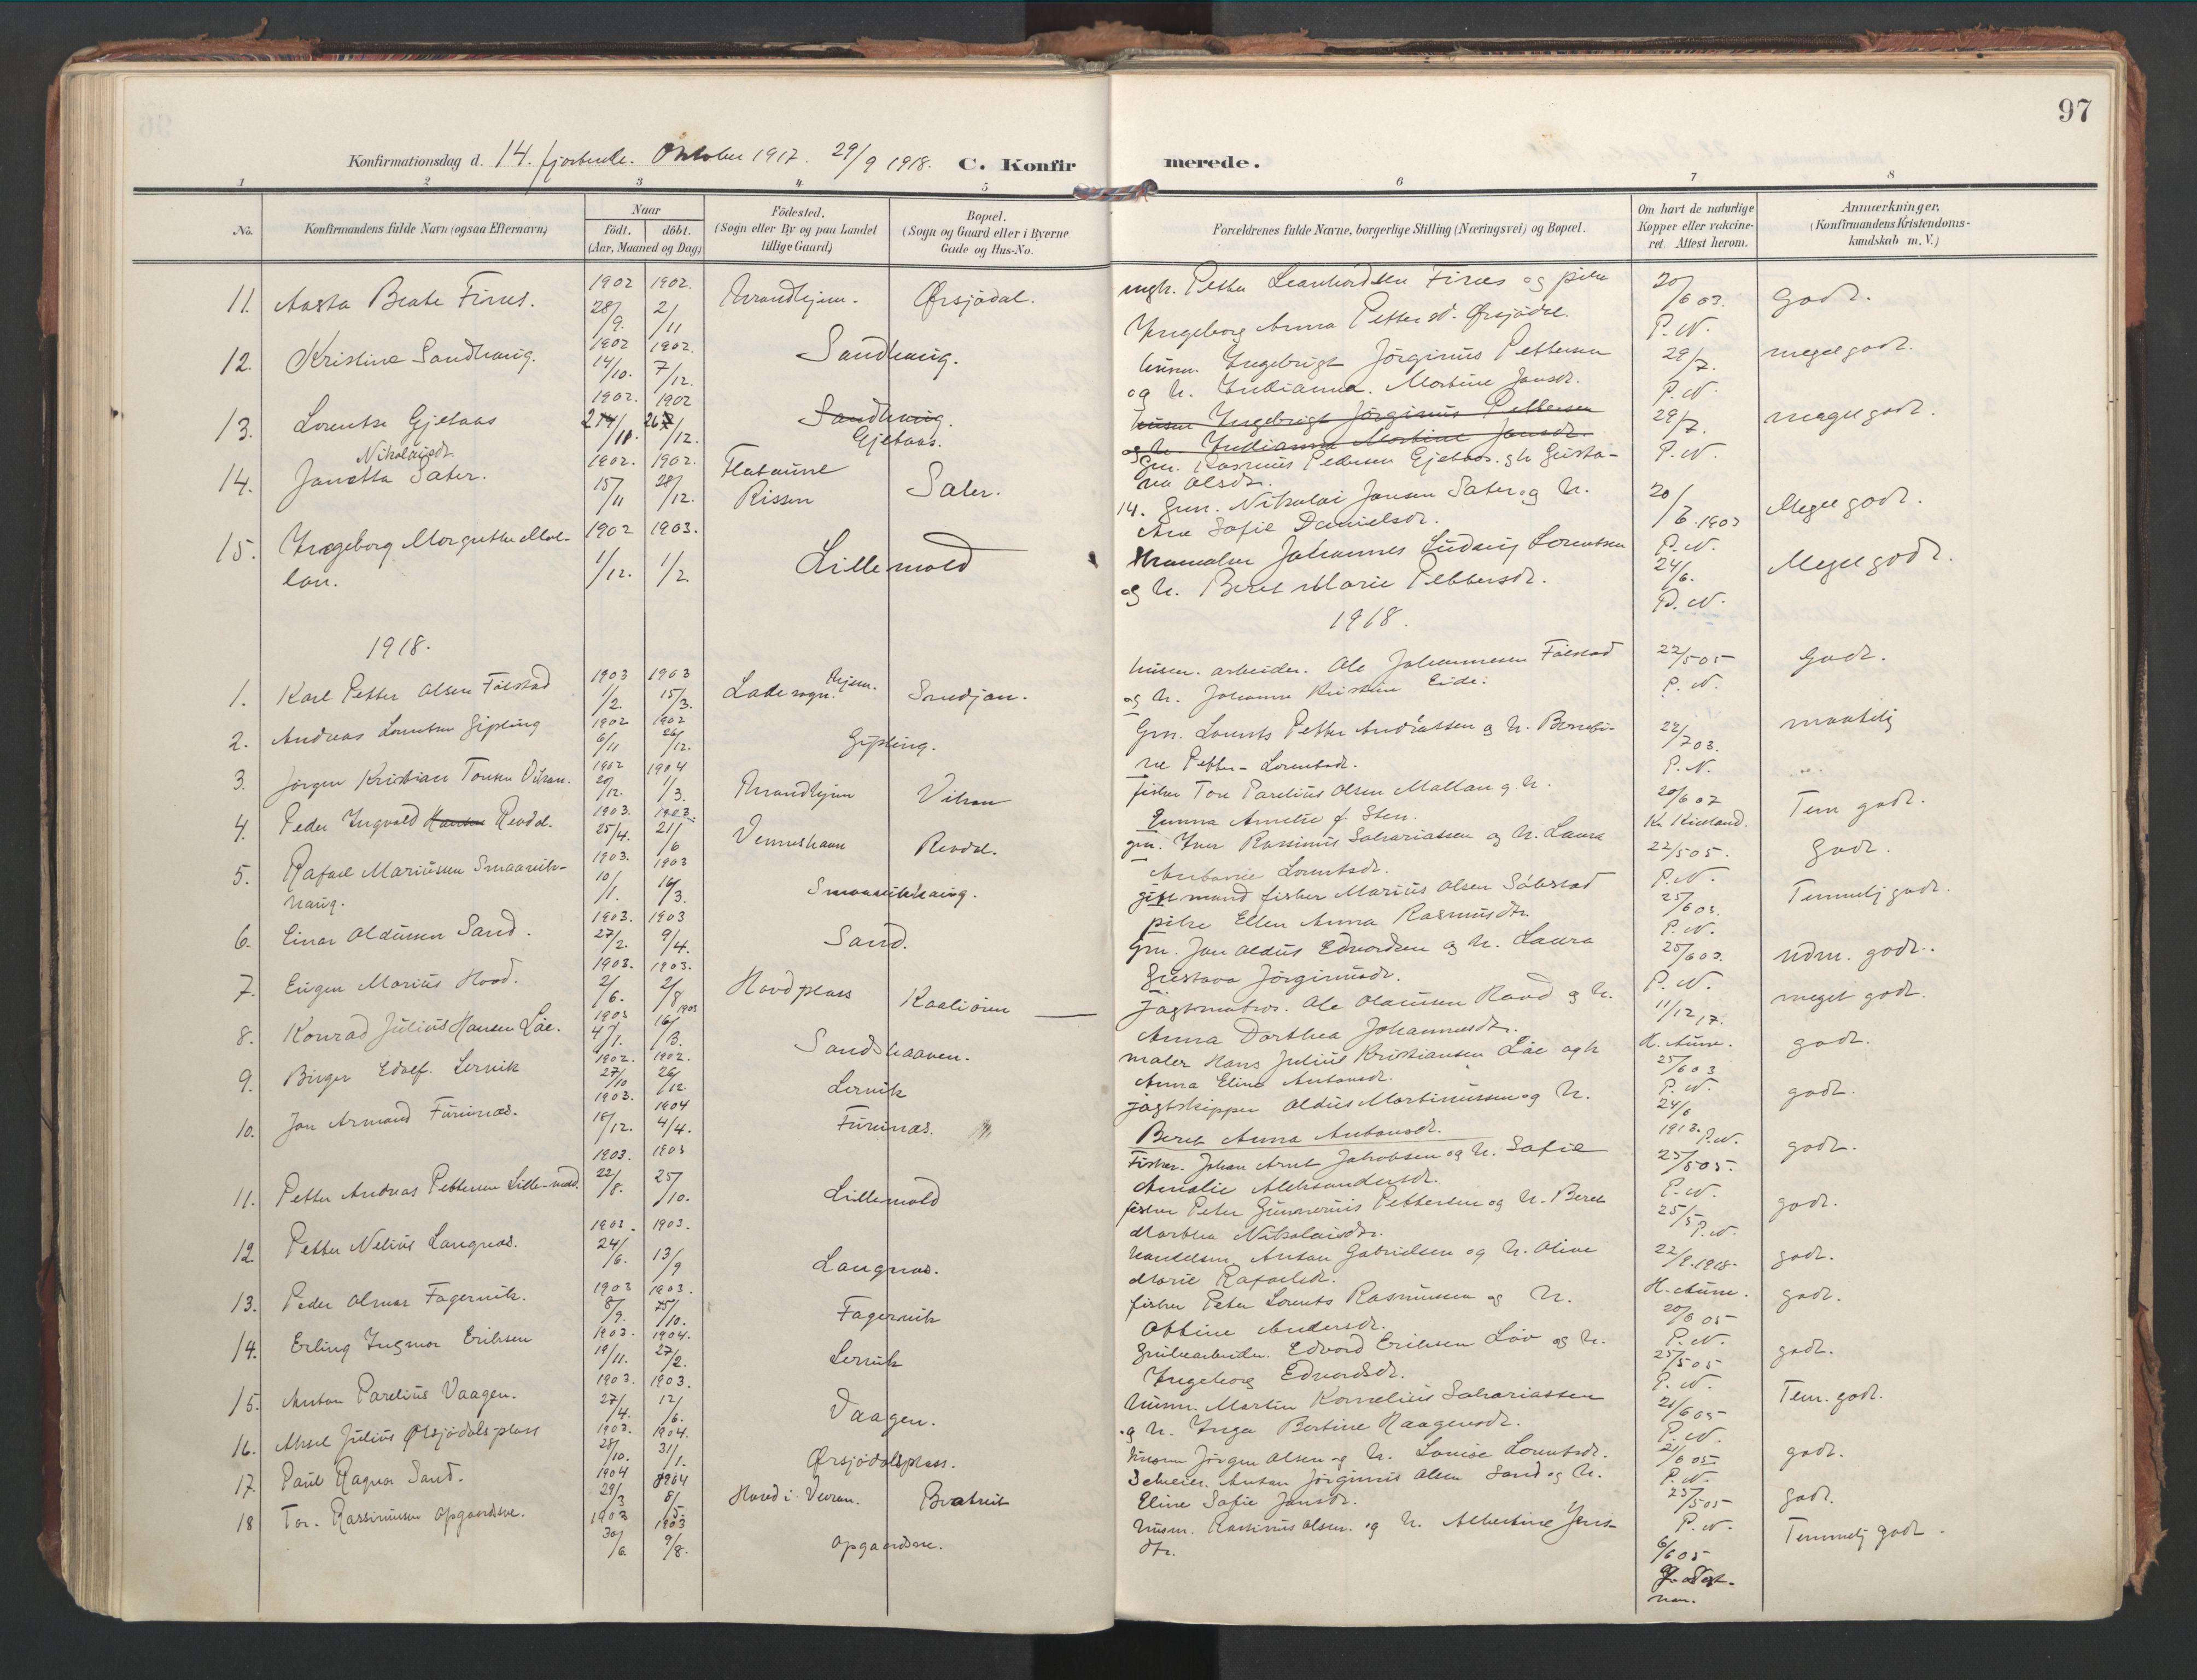 SAT, Ministerialprotokoller, klokkerbøker og fødselsregistre - Nord-Trøndelag, 744/L0421: Ministerialbok nr. 744A05, 1905-1930, s. 97